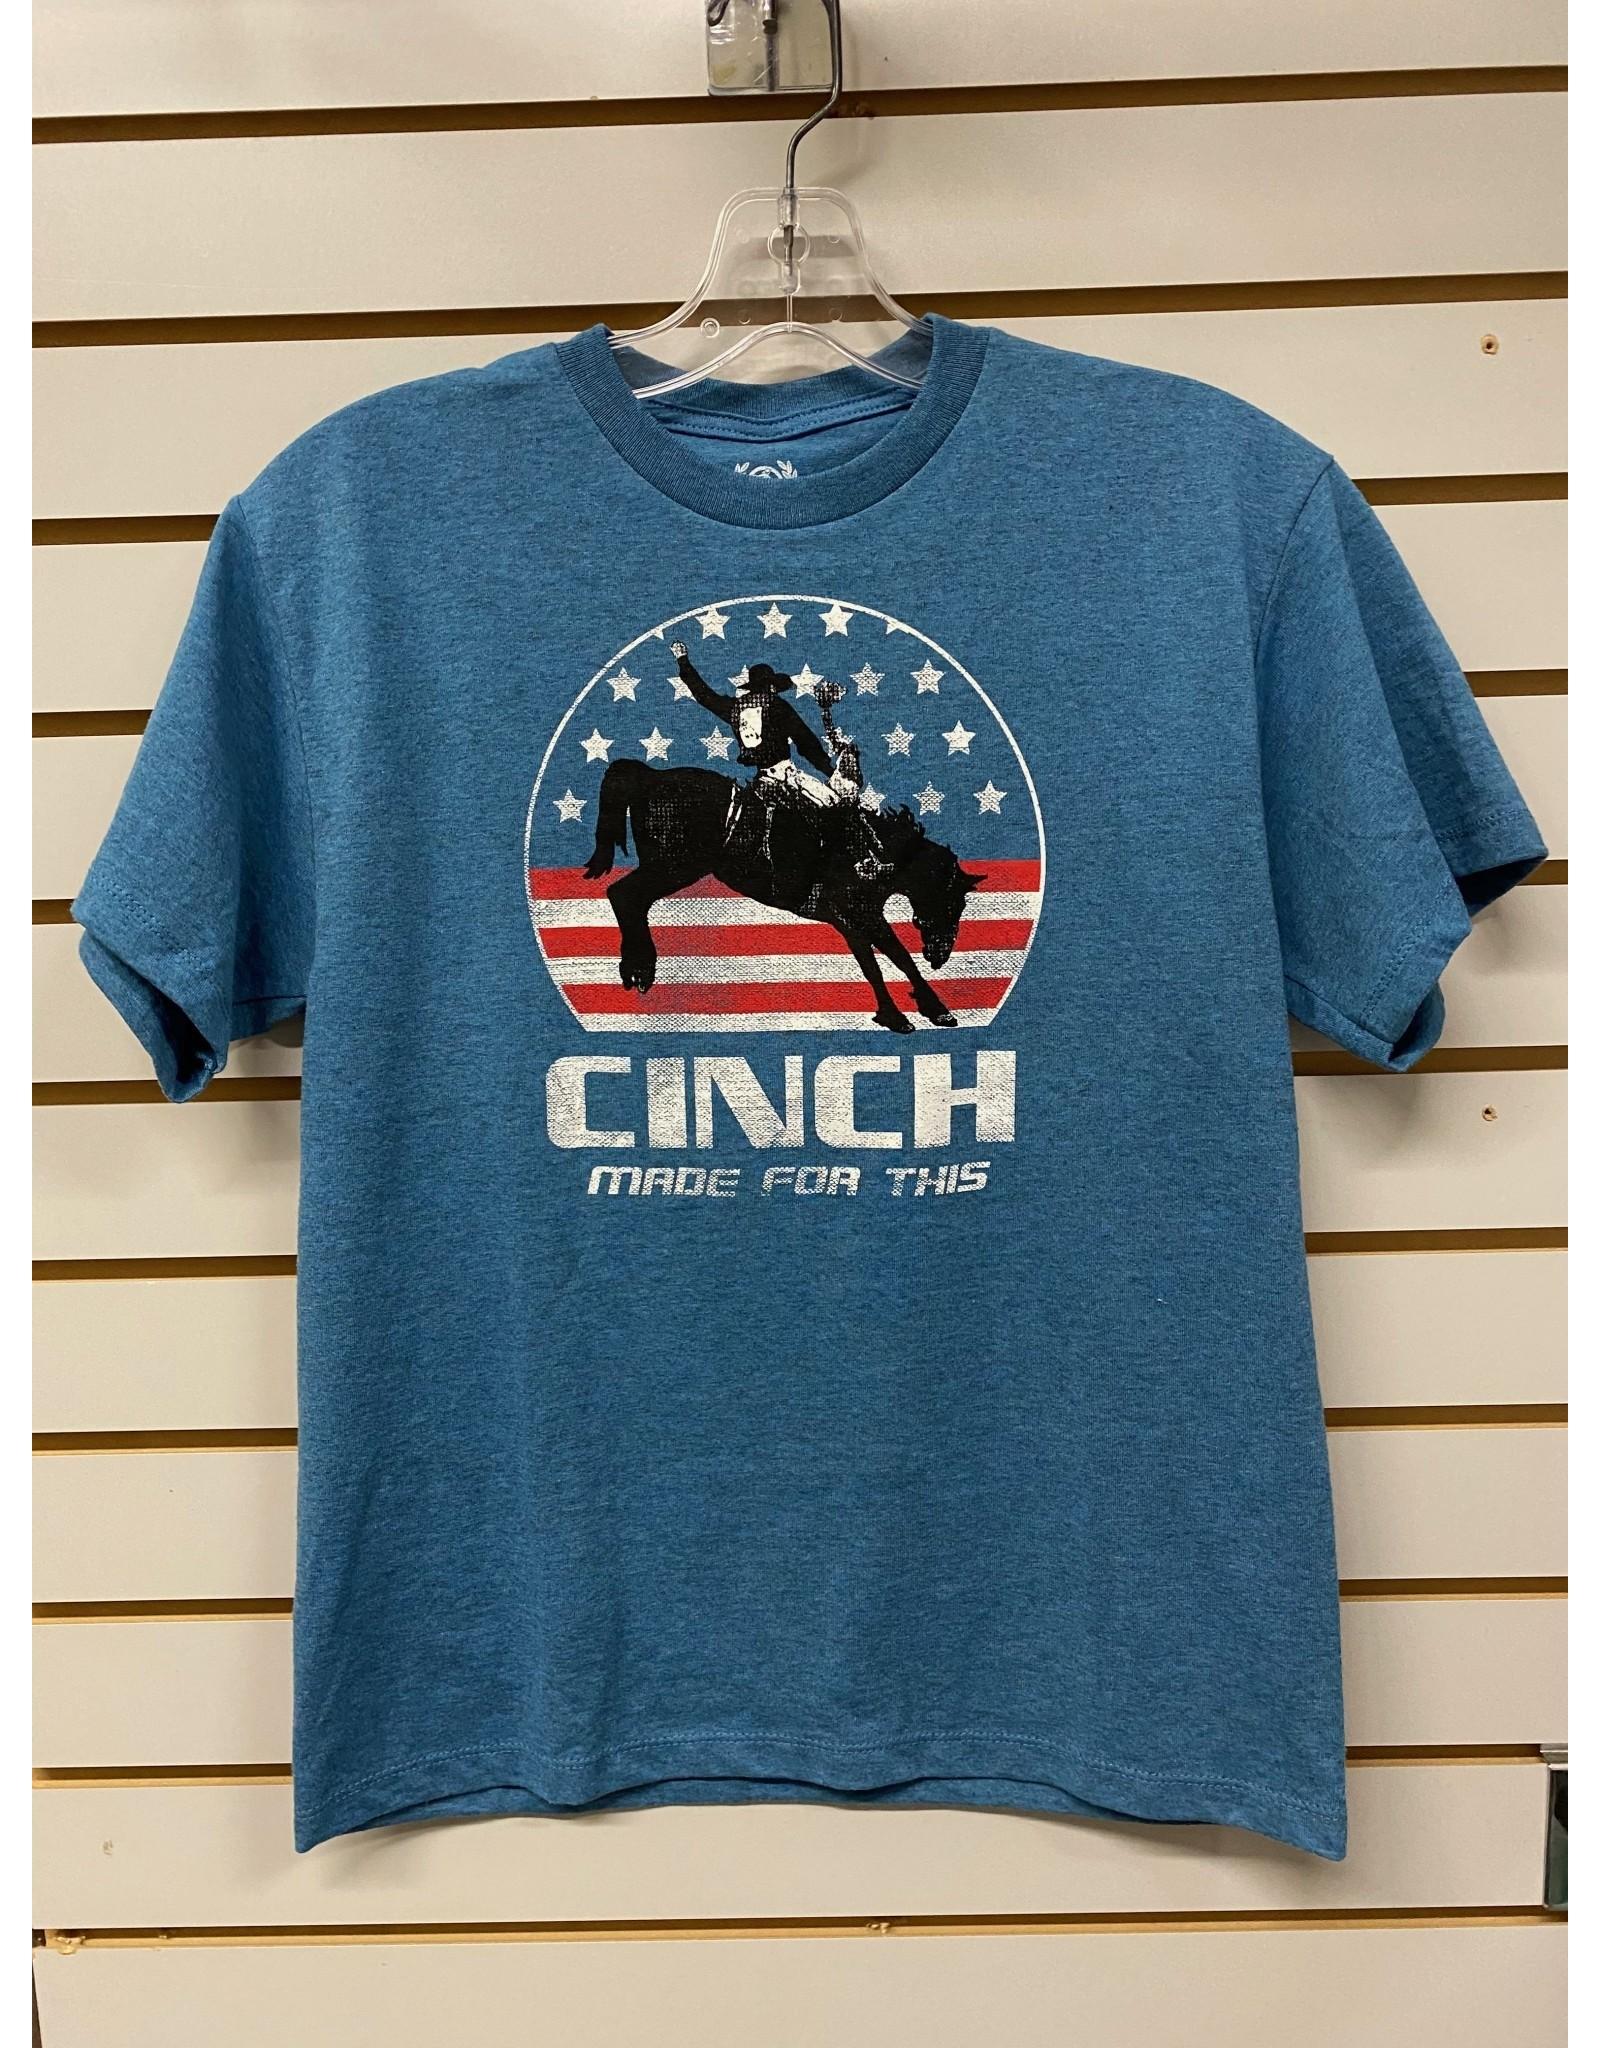 Cinch BOY'S MTT7670103 BLUE T-SHIRT CINCH